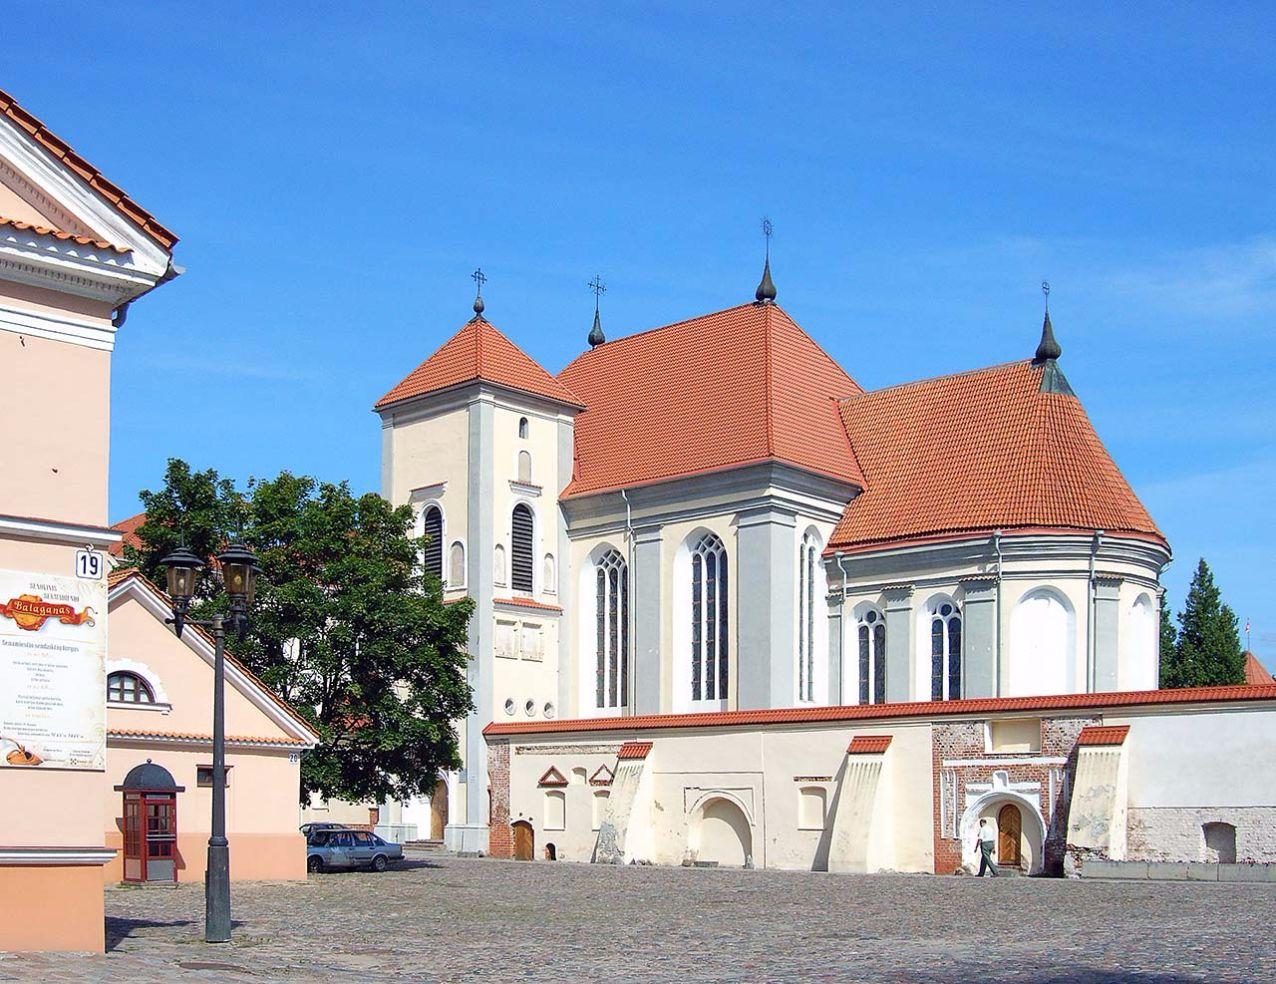 Dreifaltigkeitskirche in Kaunas, Litauen. Bild: Ventus Reisen